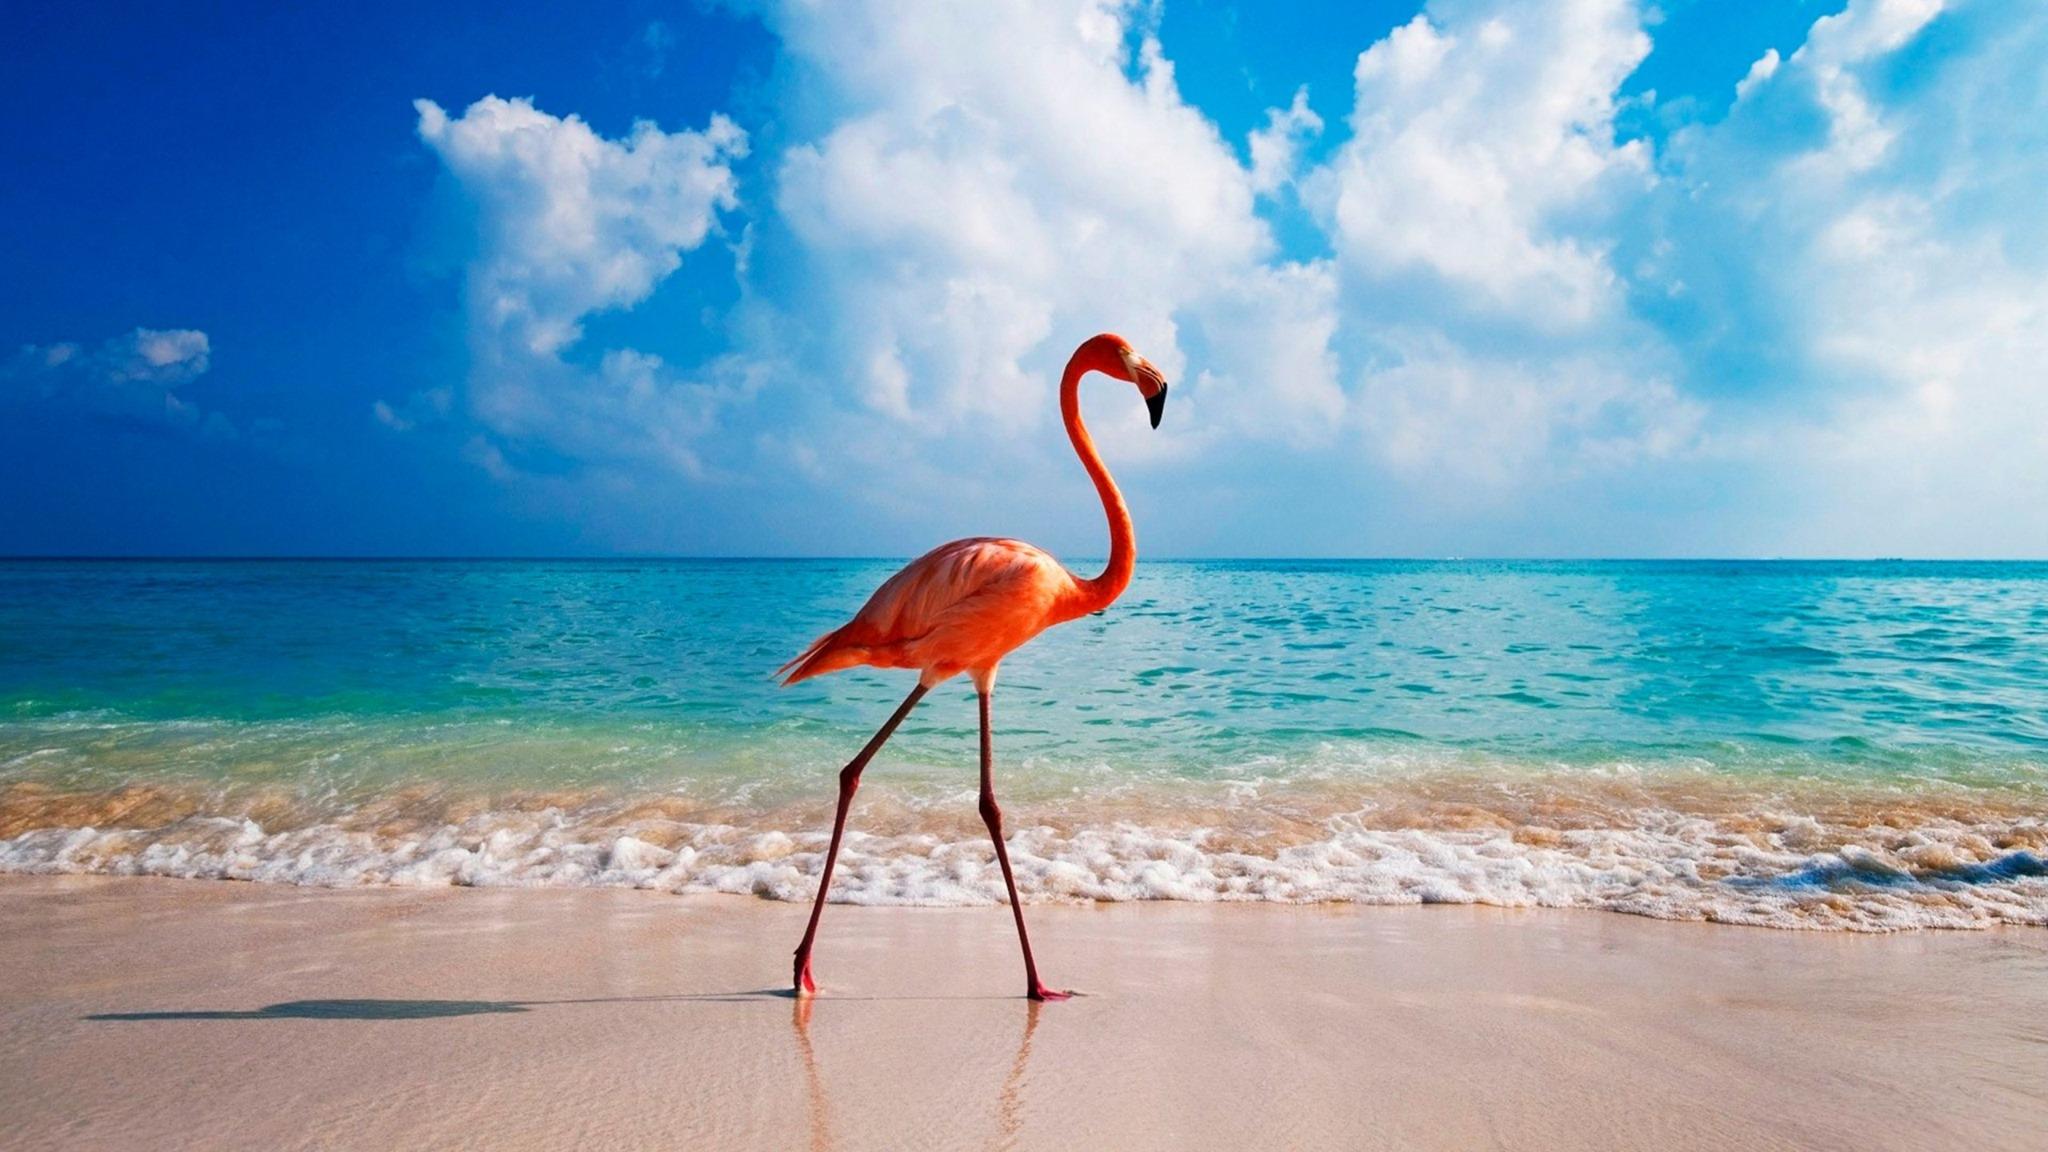 flamingo on the beach sand